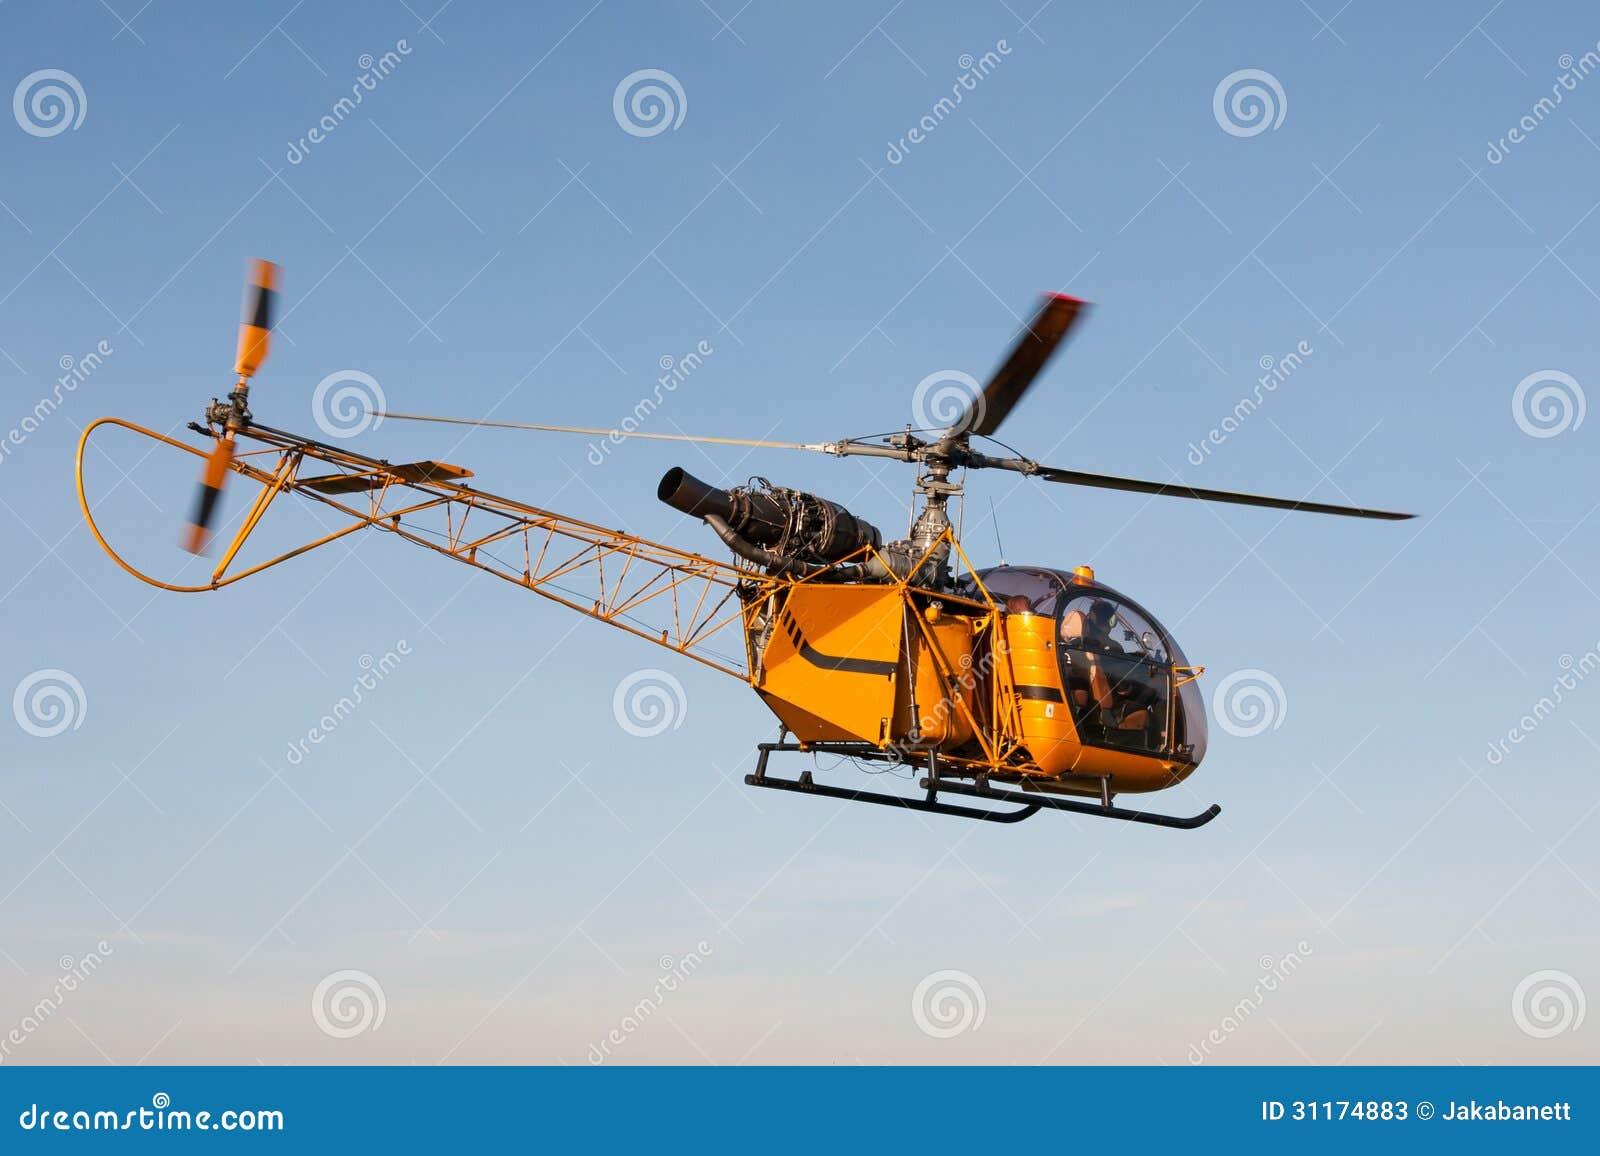 Elicottero Giallo : Elicottero giallo contro il cielo fotografie stock